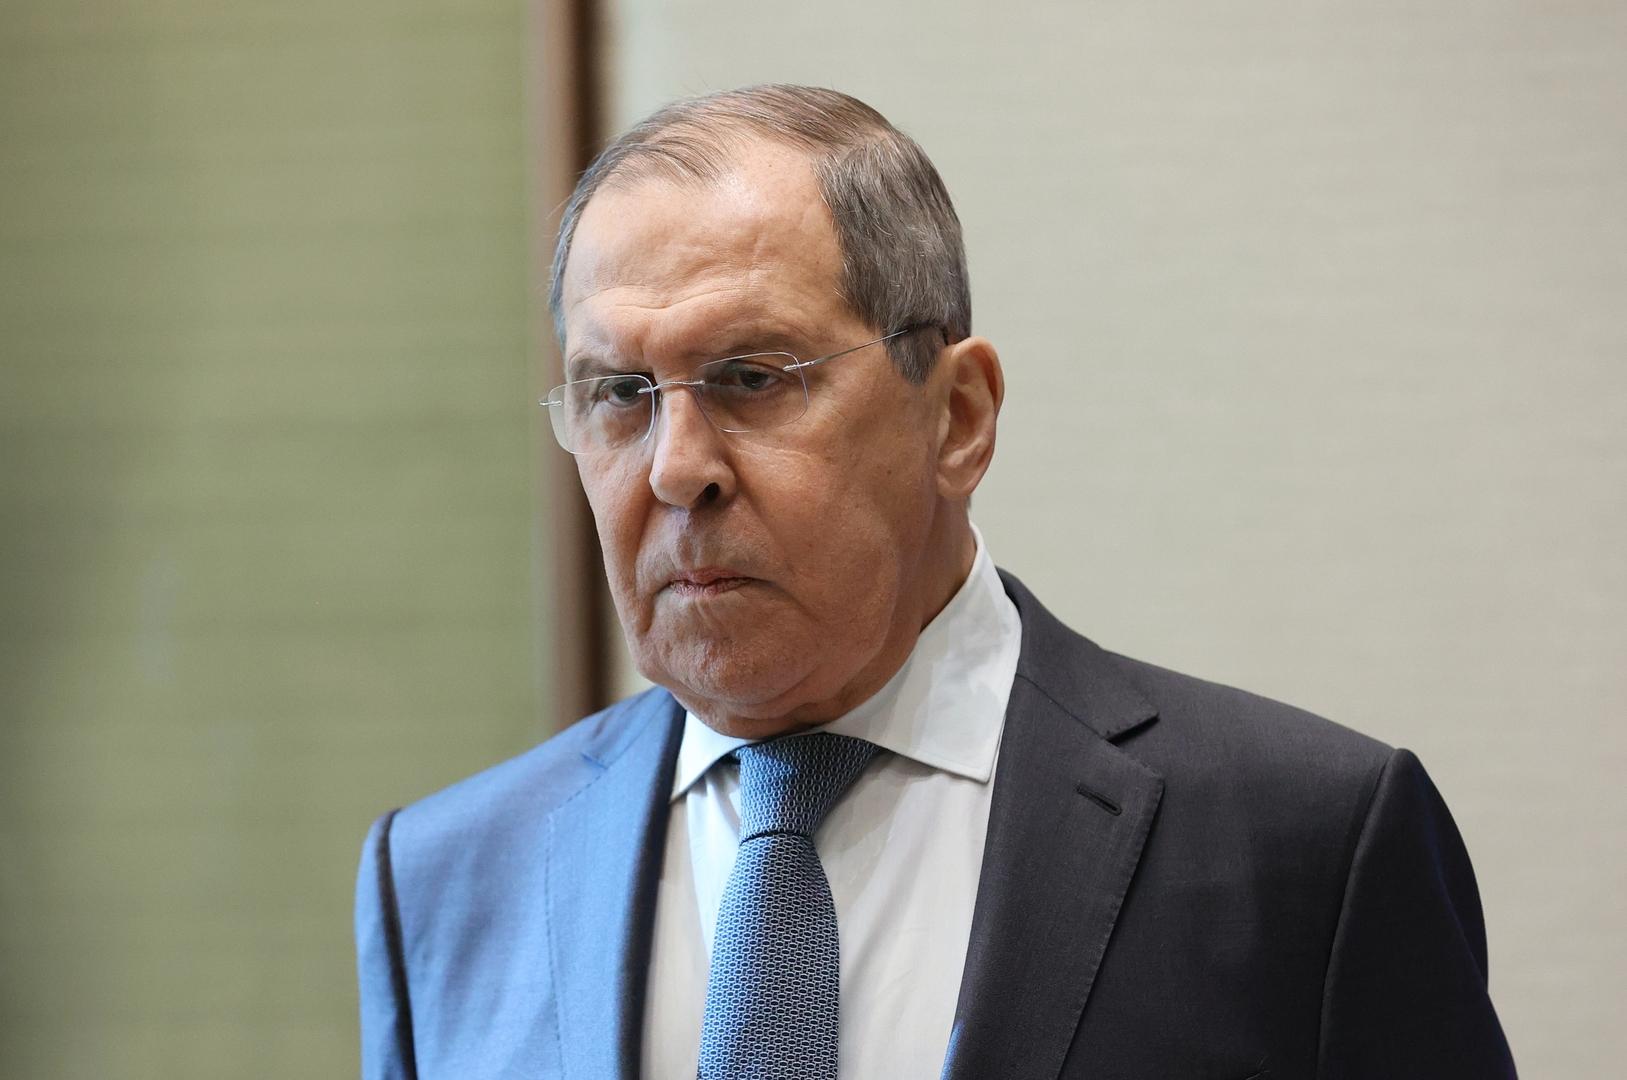 لافروف: لم نعرض على واشنطن استخدام قواعدنا في آسيا الوسطى